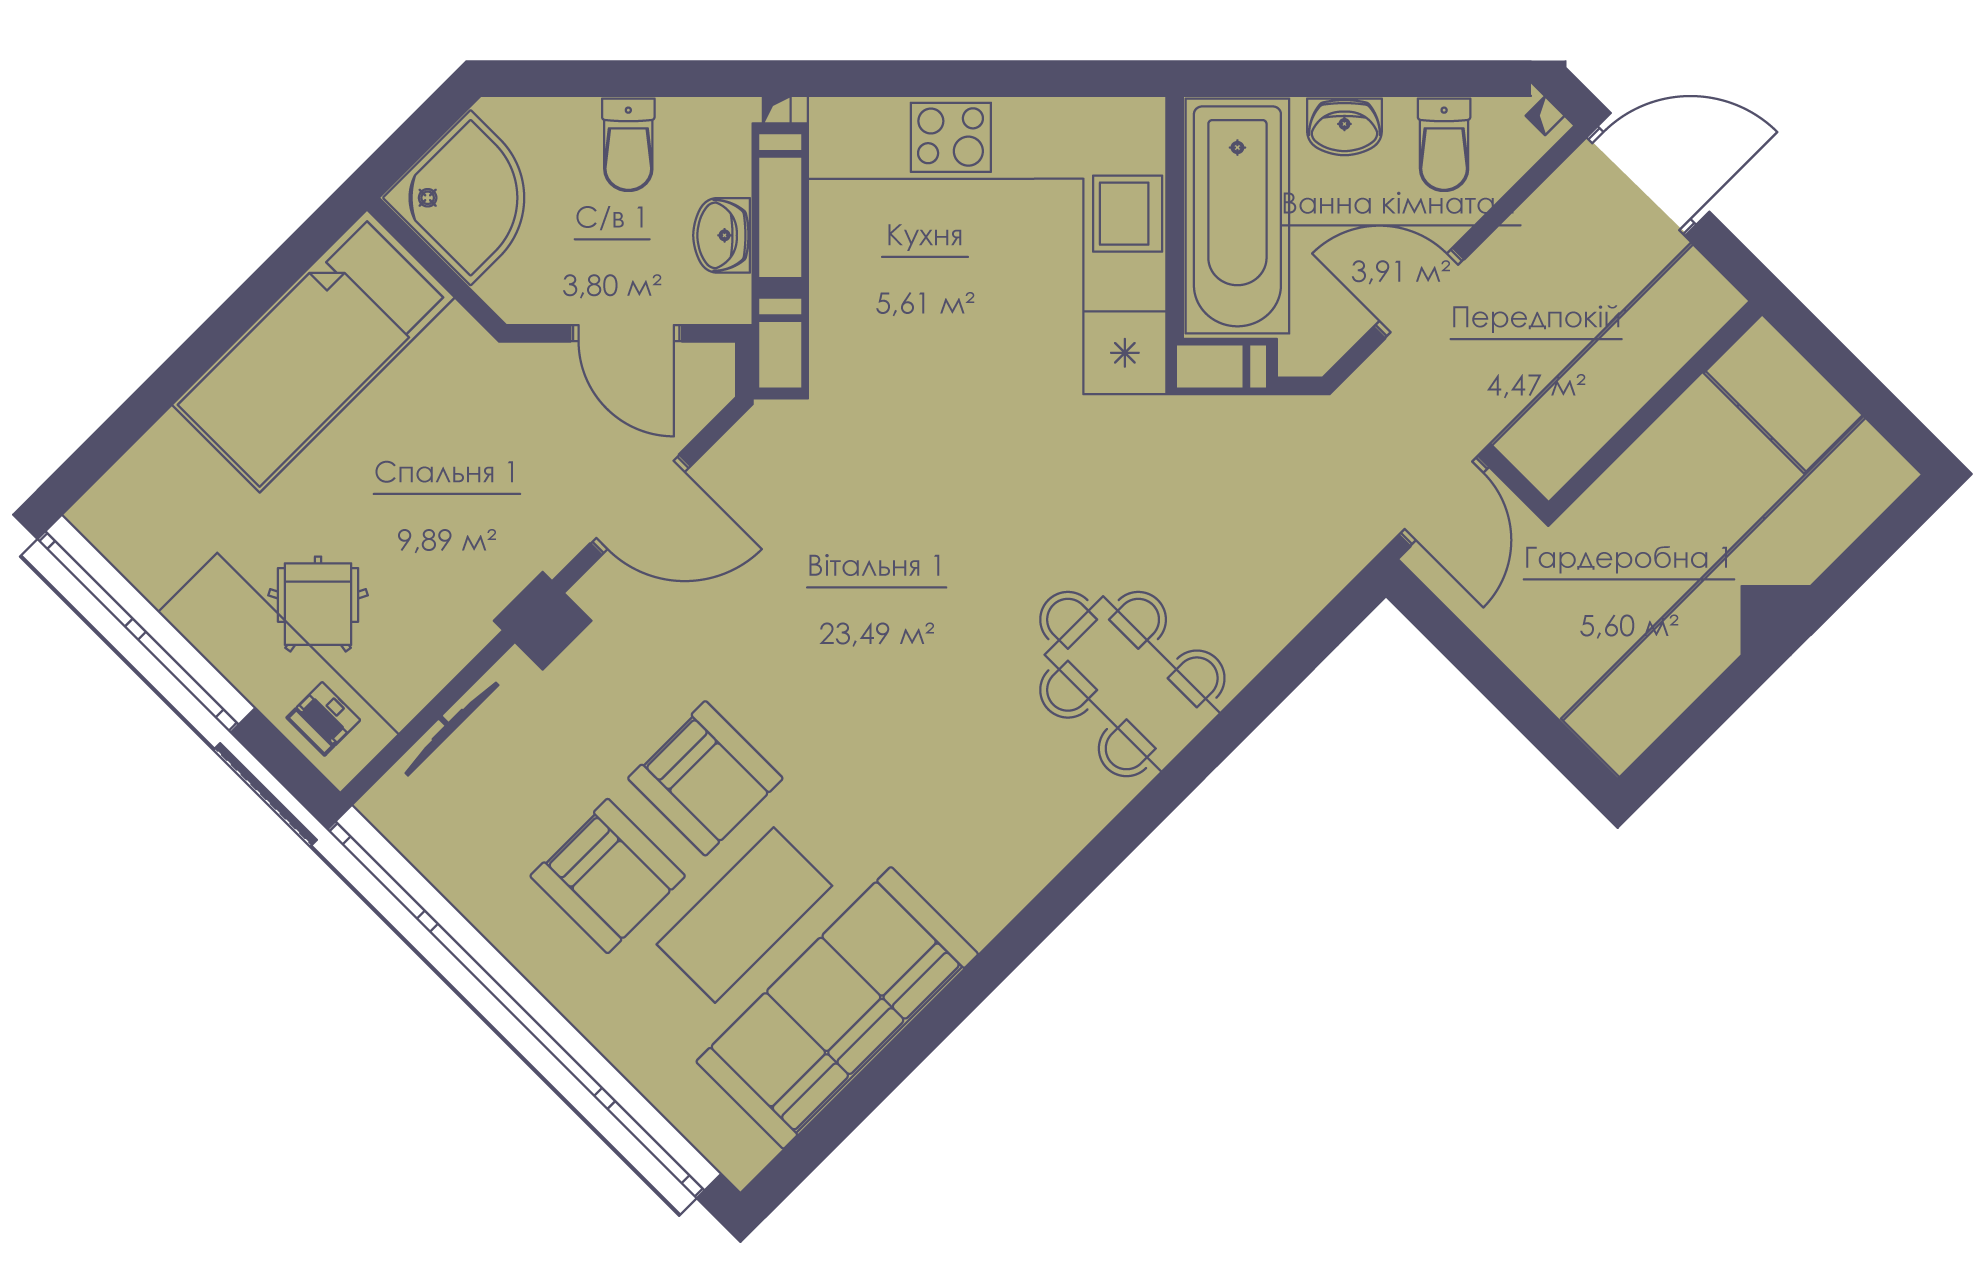 Apartment layout KV_61_2b_1_1_4-1